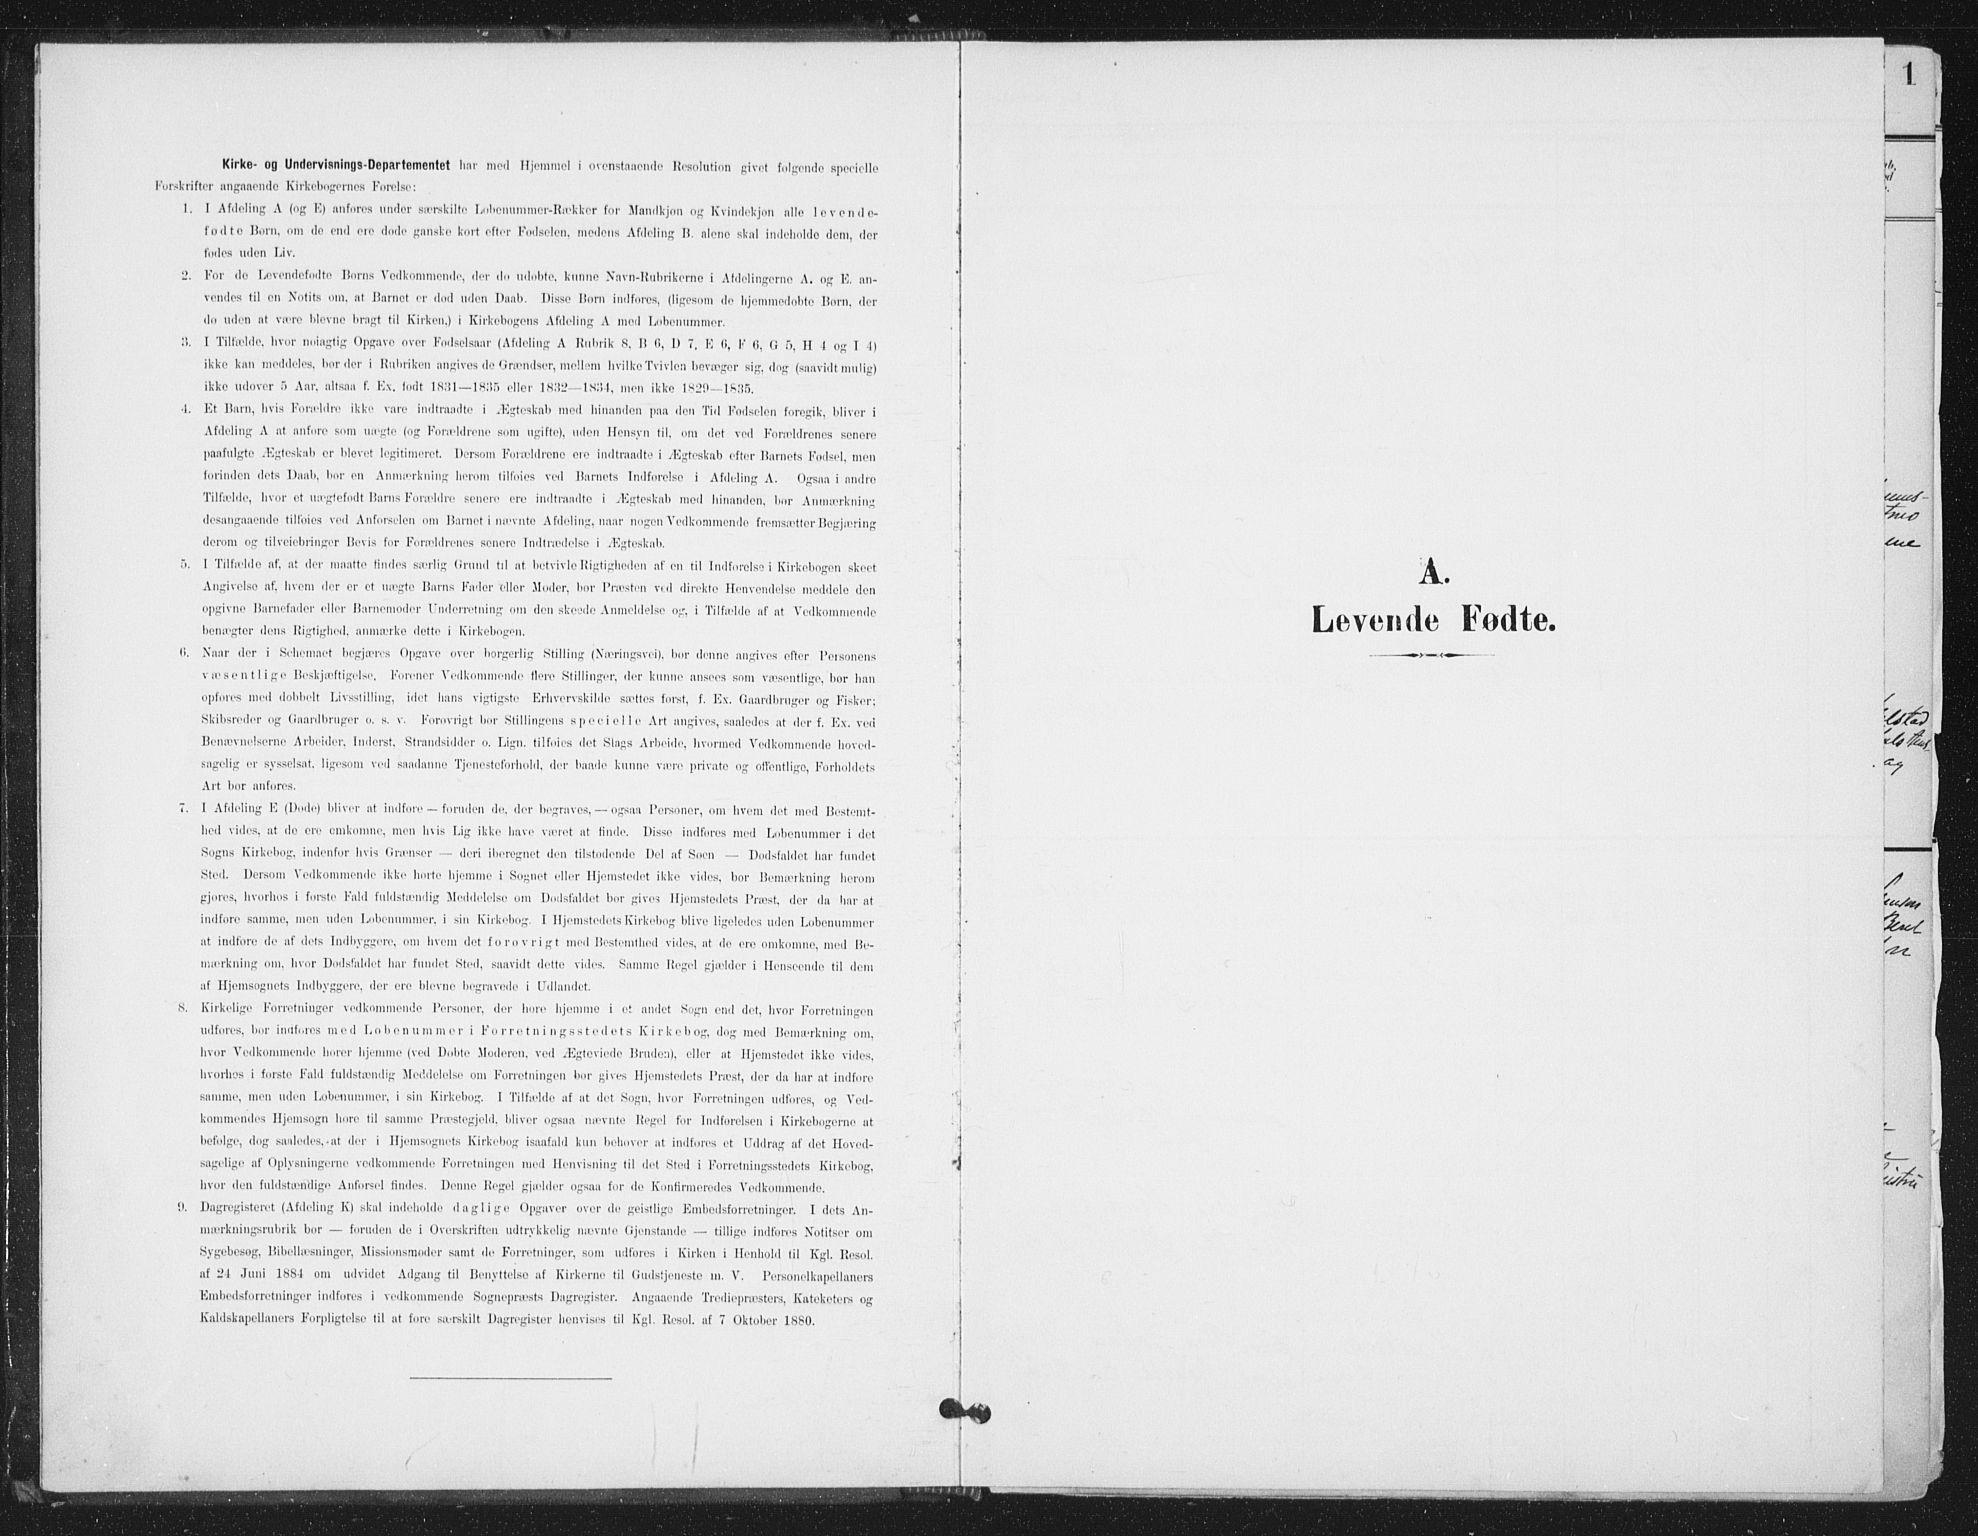 SAT, Ministerialprotokoller, klokkerbøker og fødselsregistre - Sør-Trøndelag, 658/L0723: Ministerialbok nr. 658A02, 1897-1912